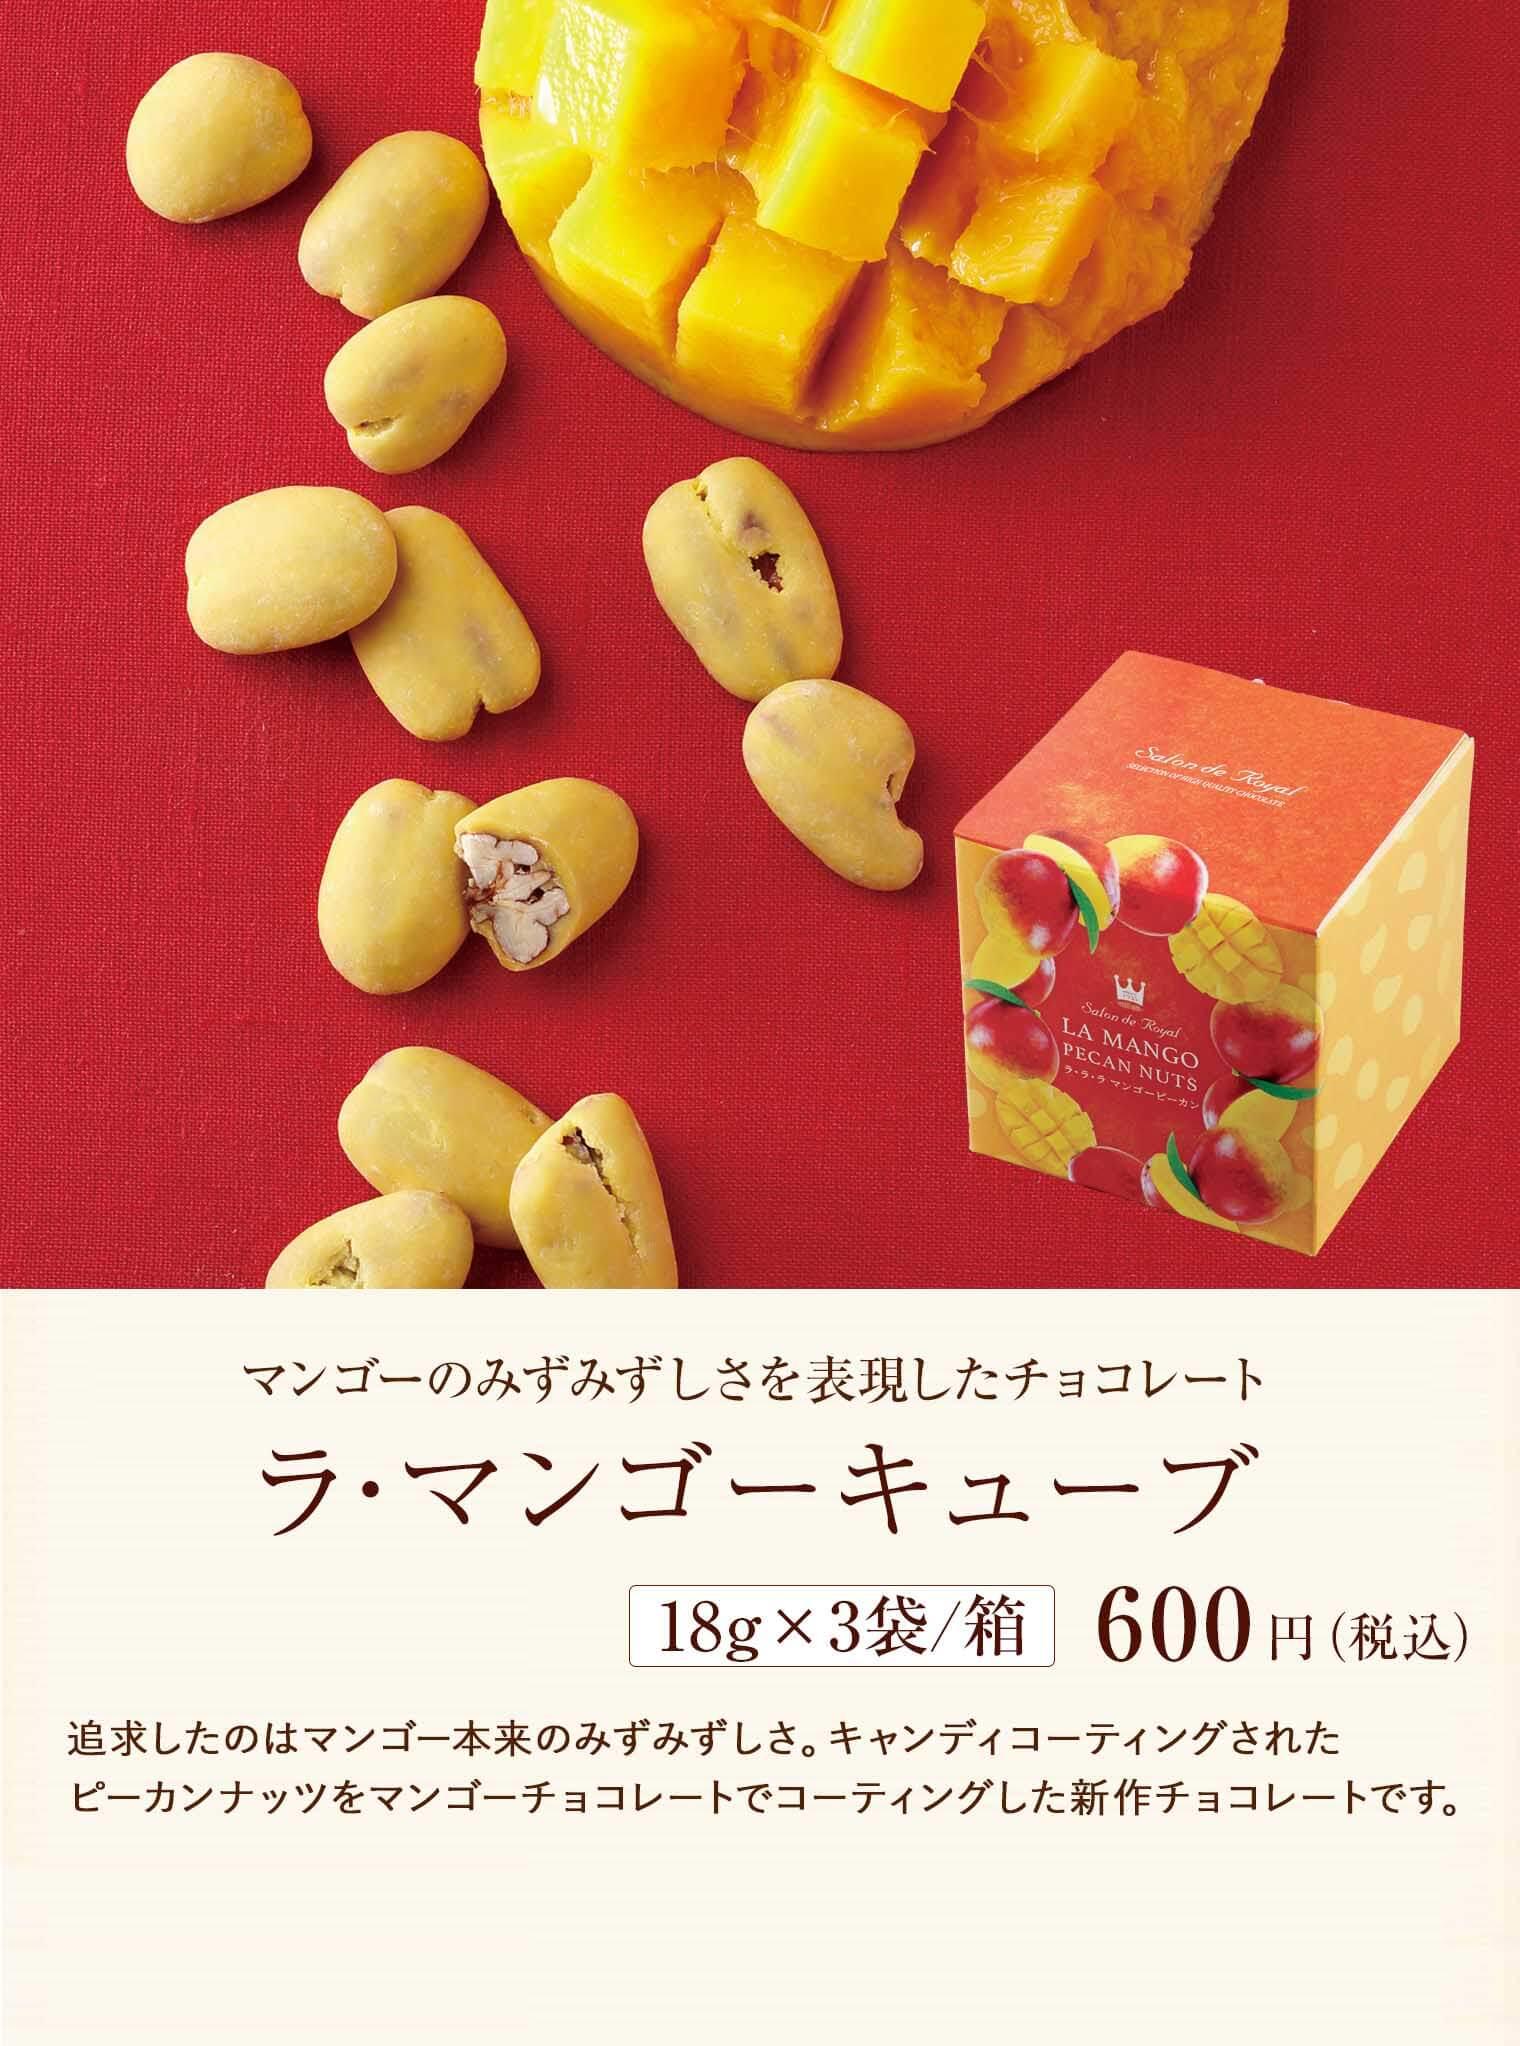 マンゴーピーカンナッツチョコレート